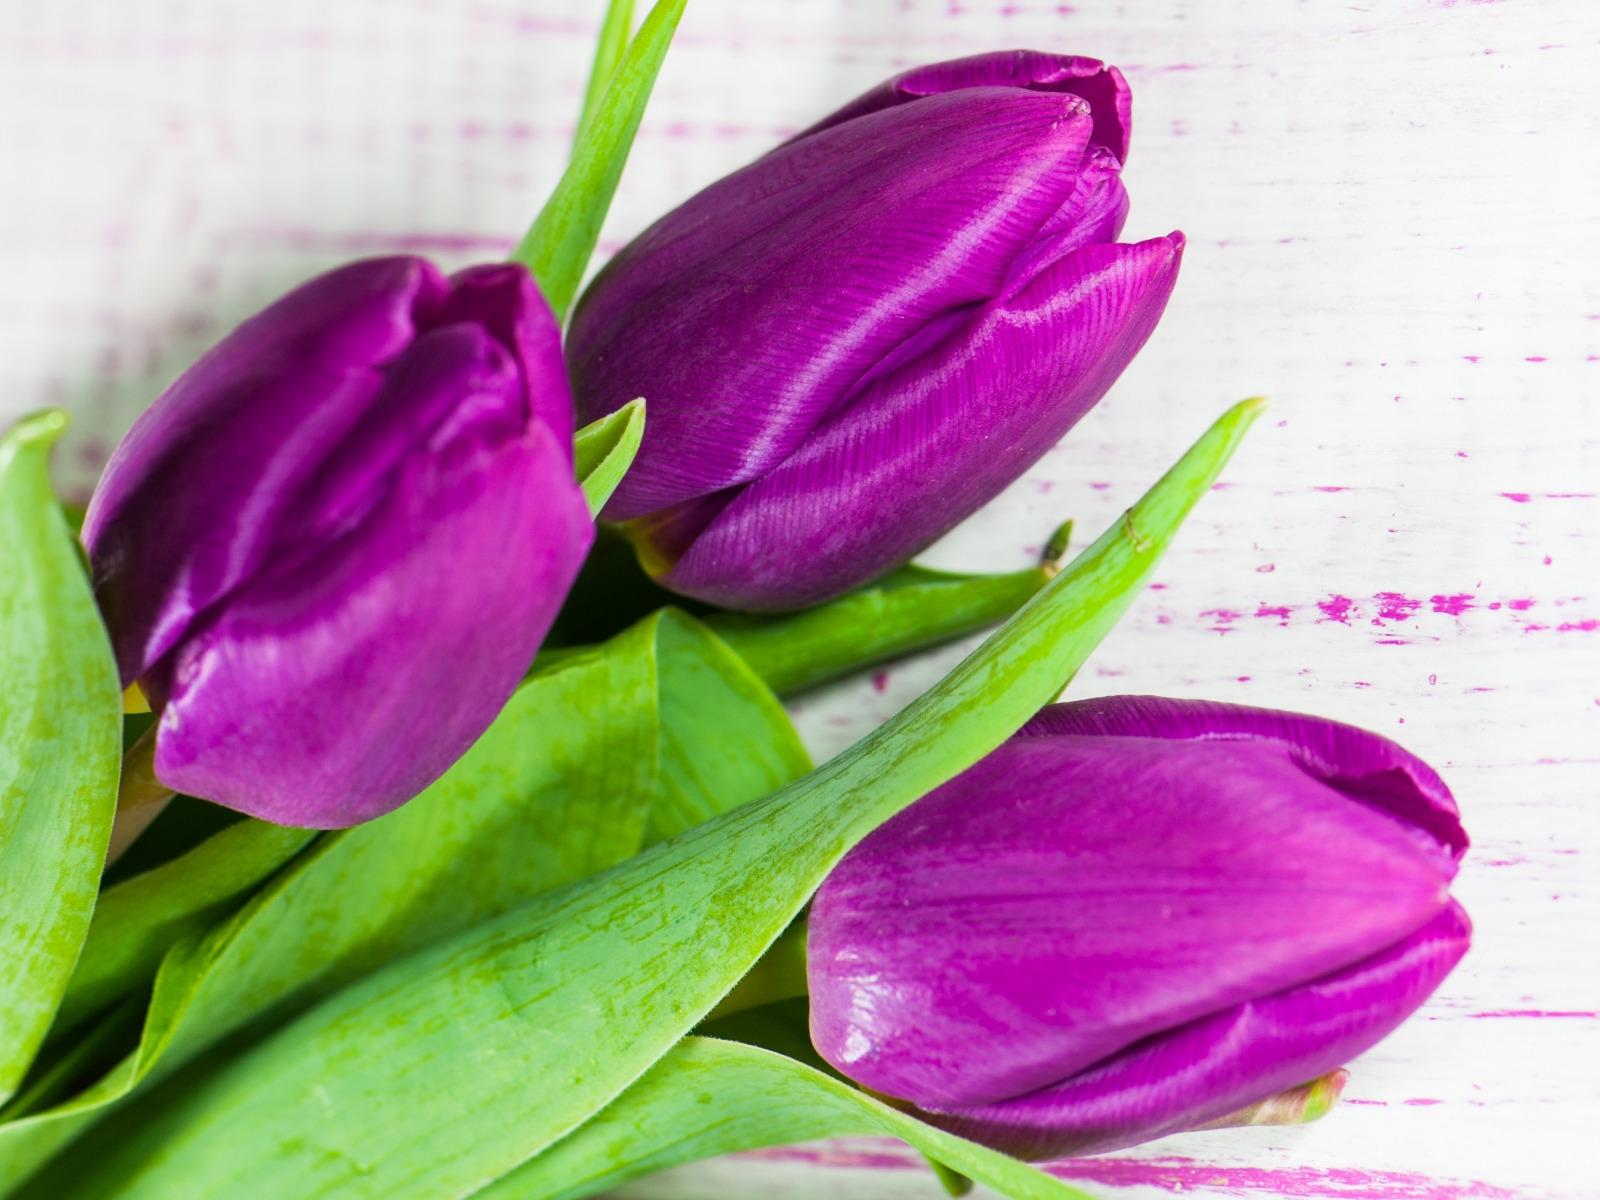 фото сиреневых тюльпанов высокого разрешения афоризмы, фразы, высказывания